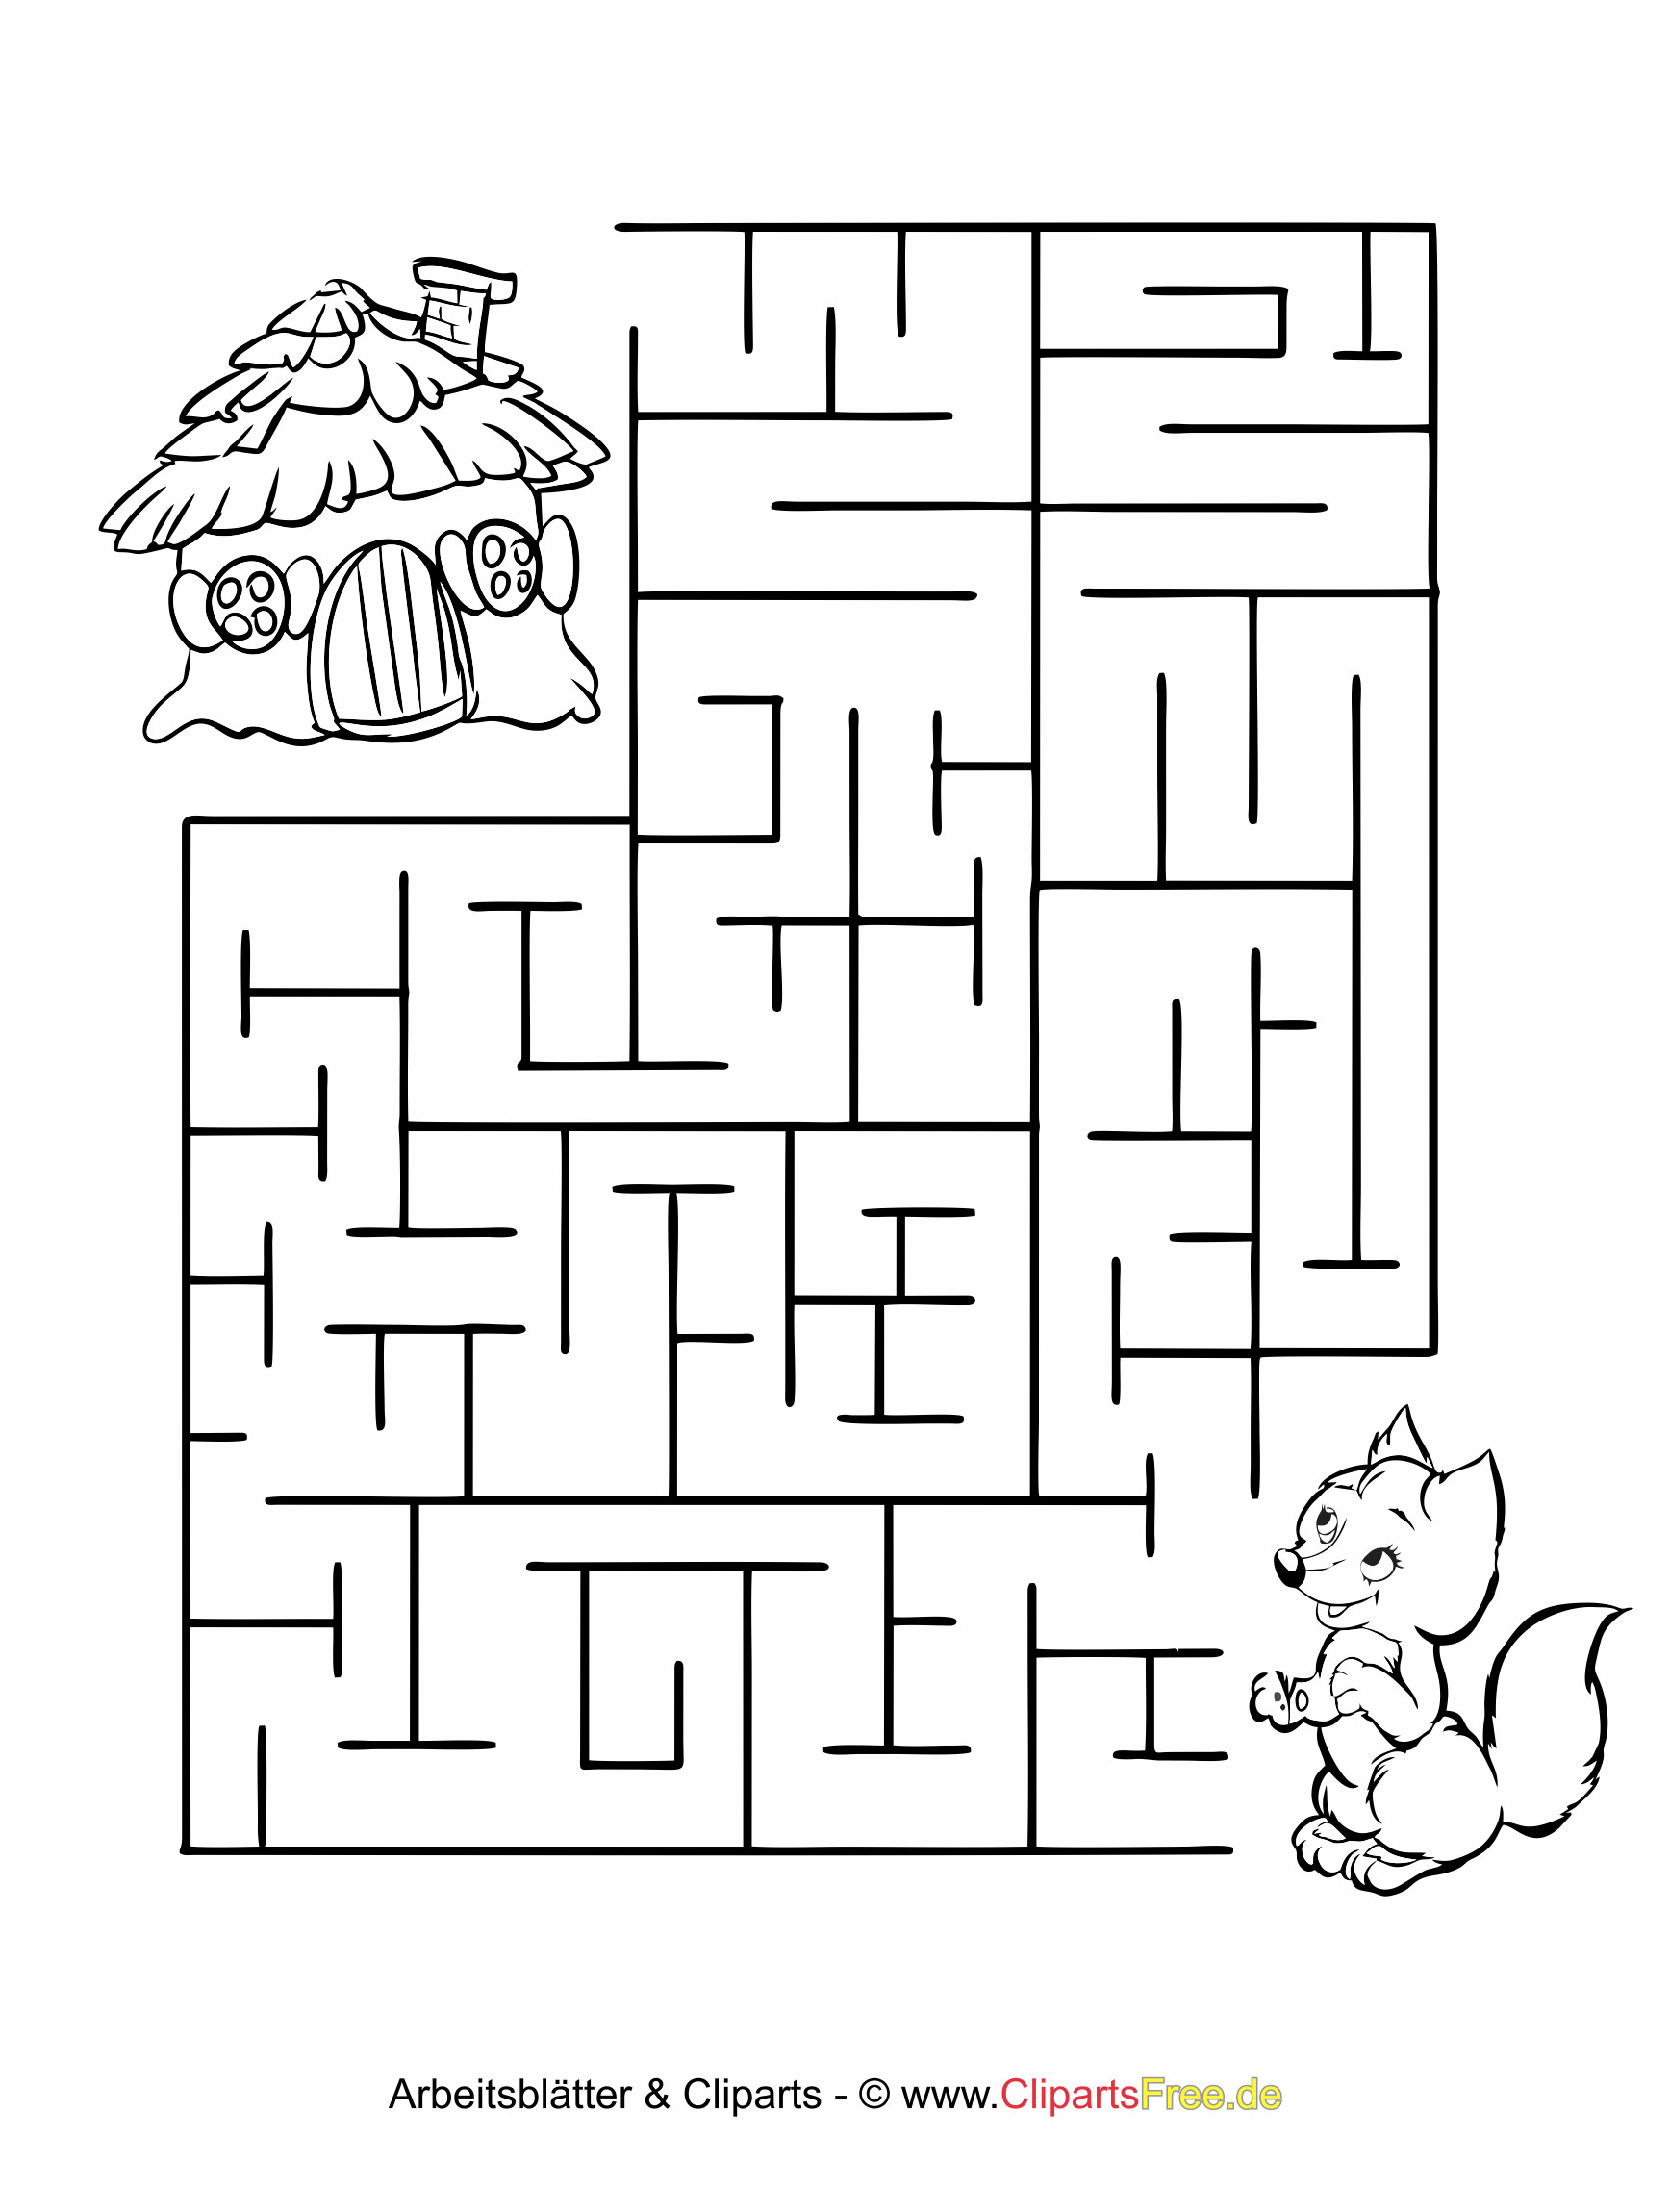 Wortsuchrätsel Zum Ausdrucken Inspirierend Rätsel Für Kinder Labyrinthe Irrgarten Malvorlagen Stock